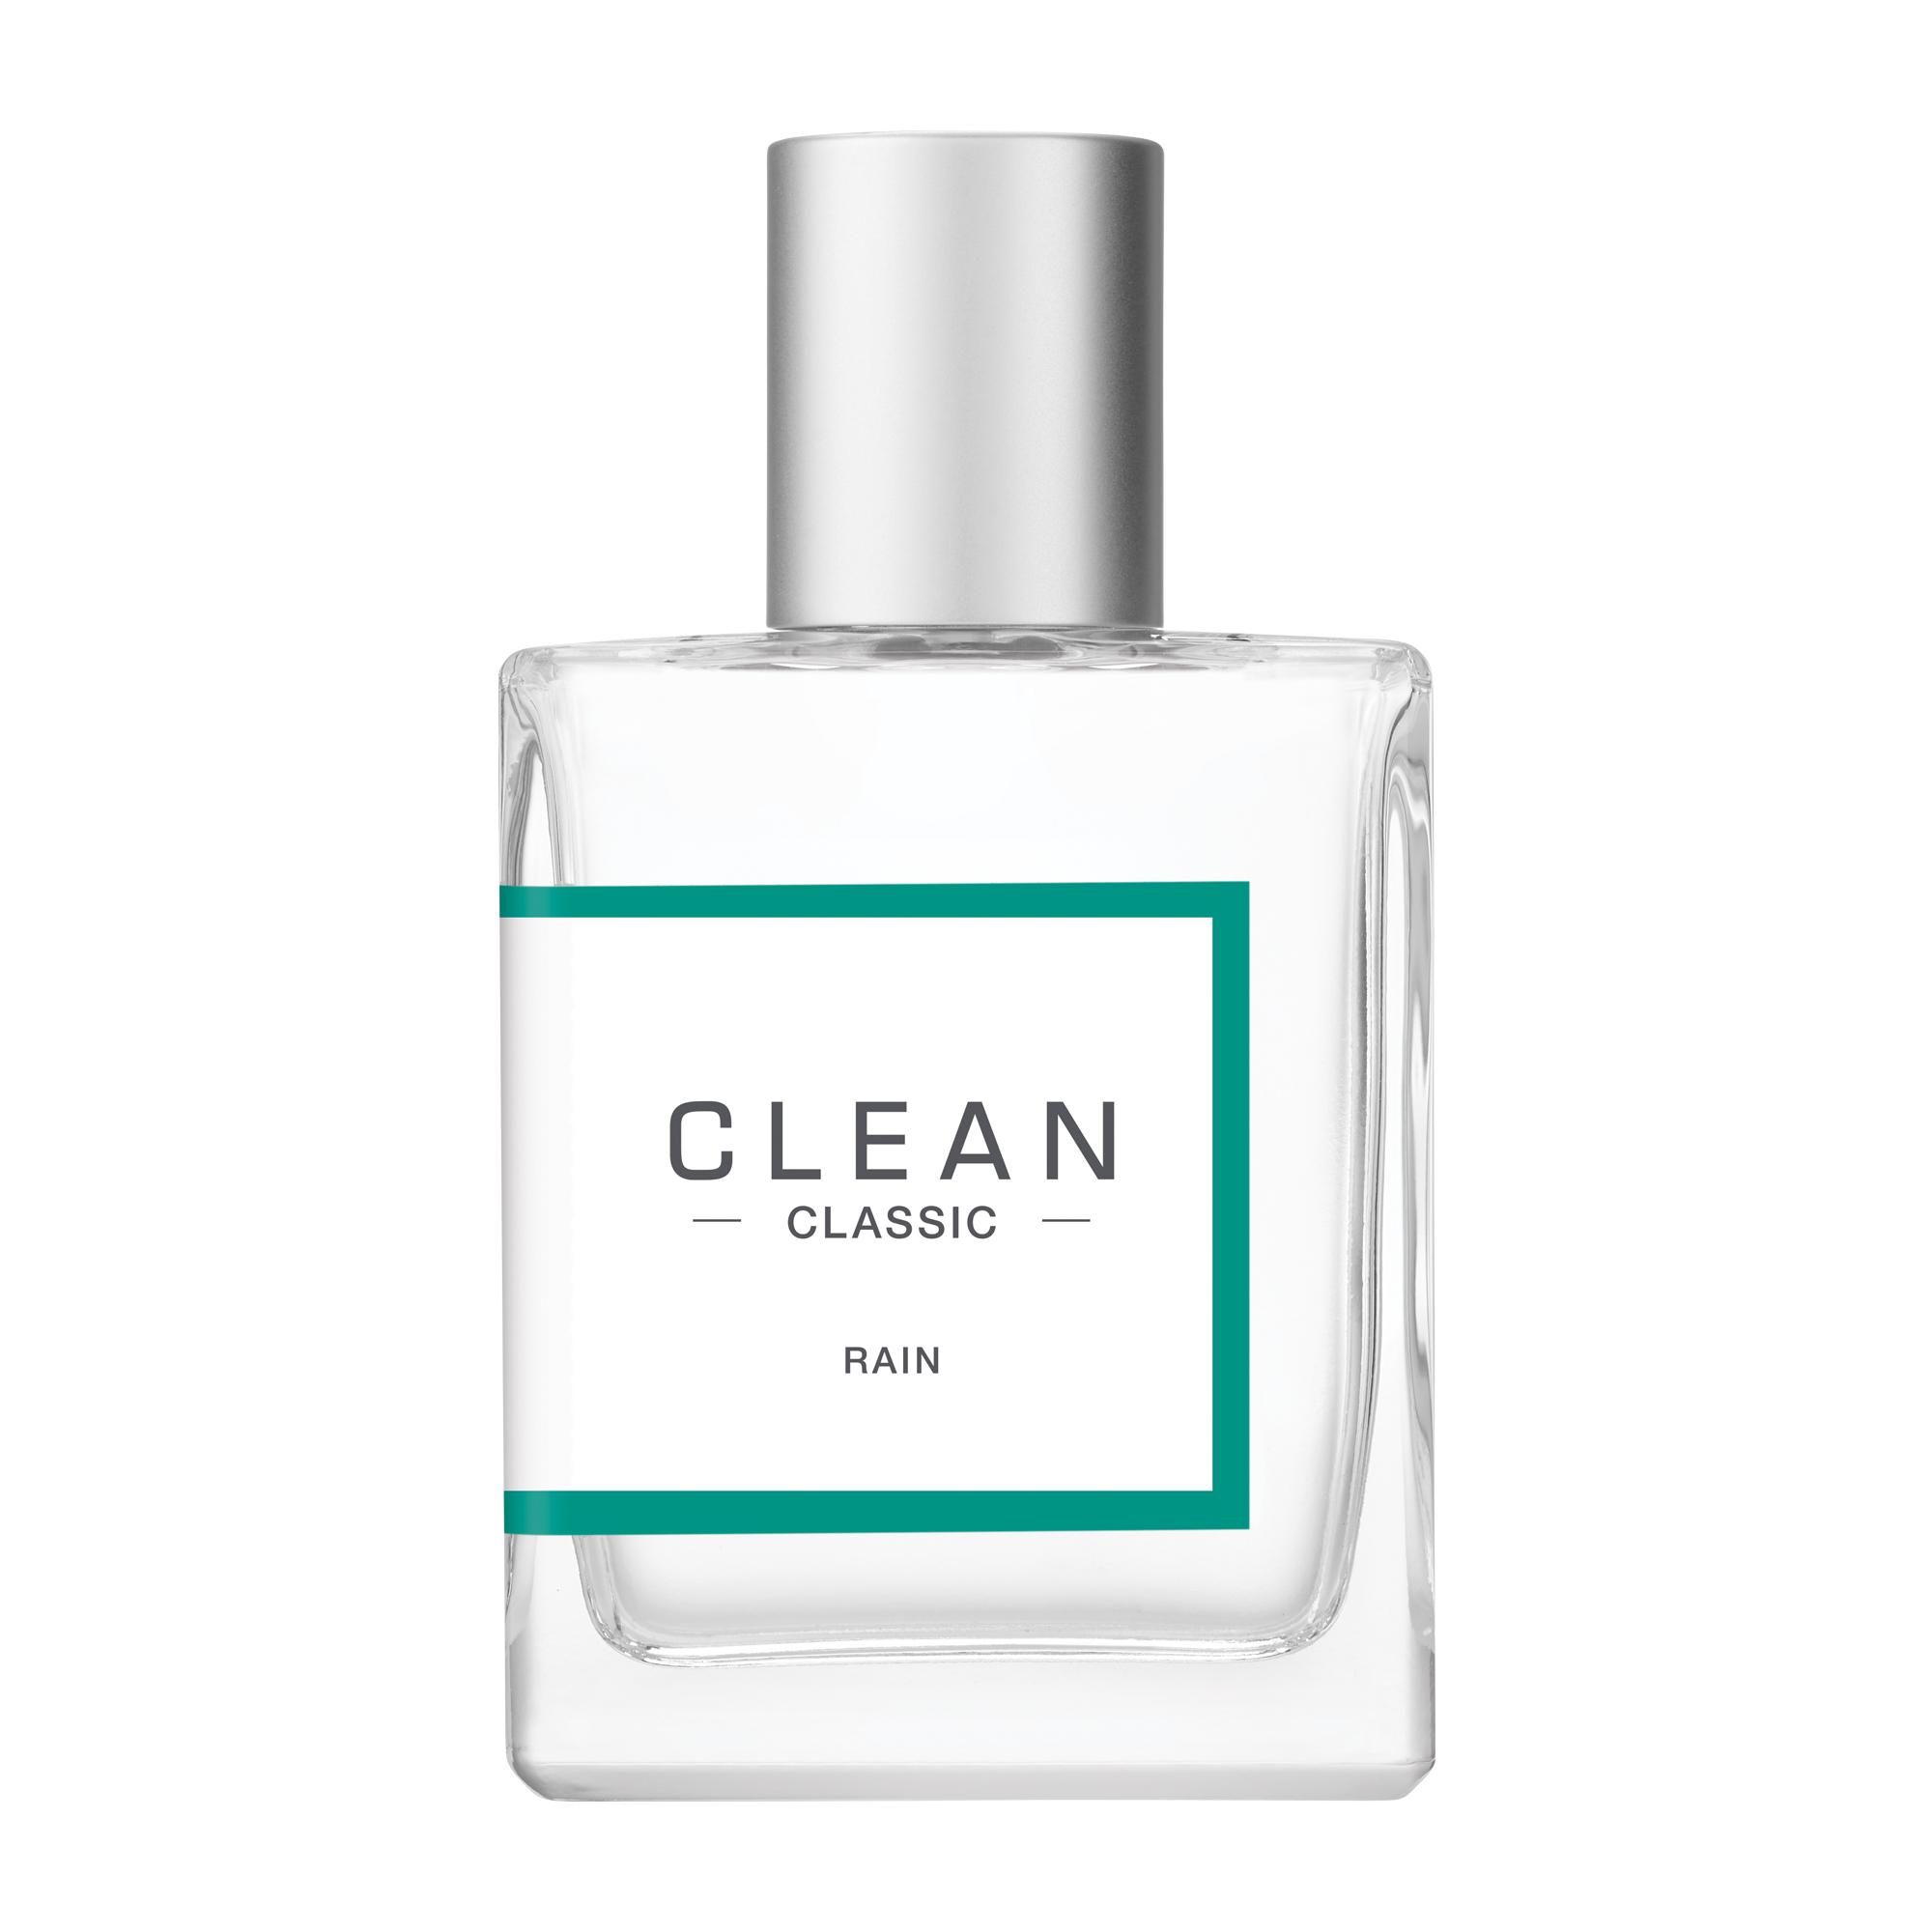 CLEAN Rain EDP, 60 ml